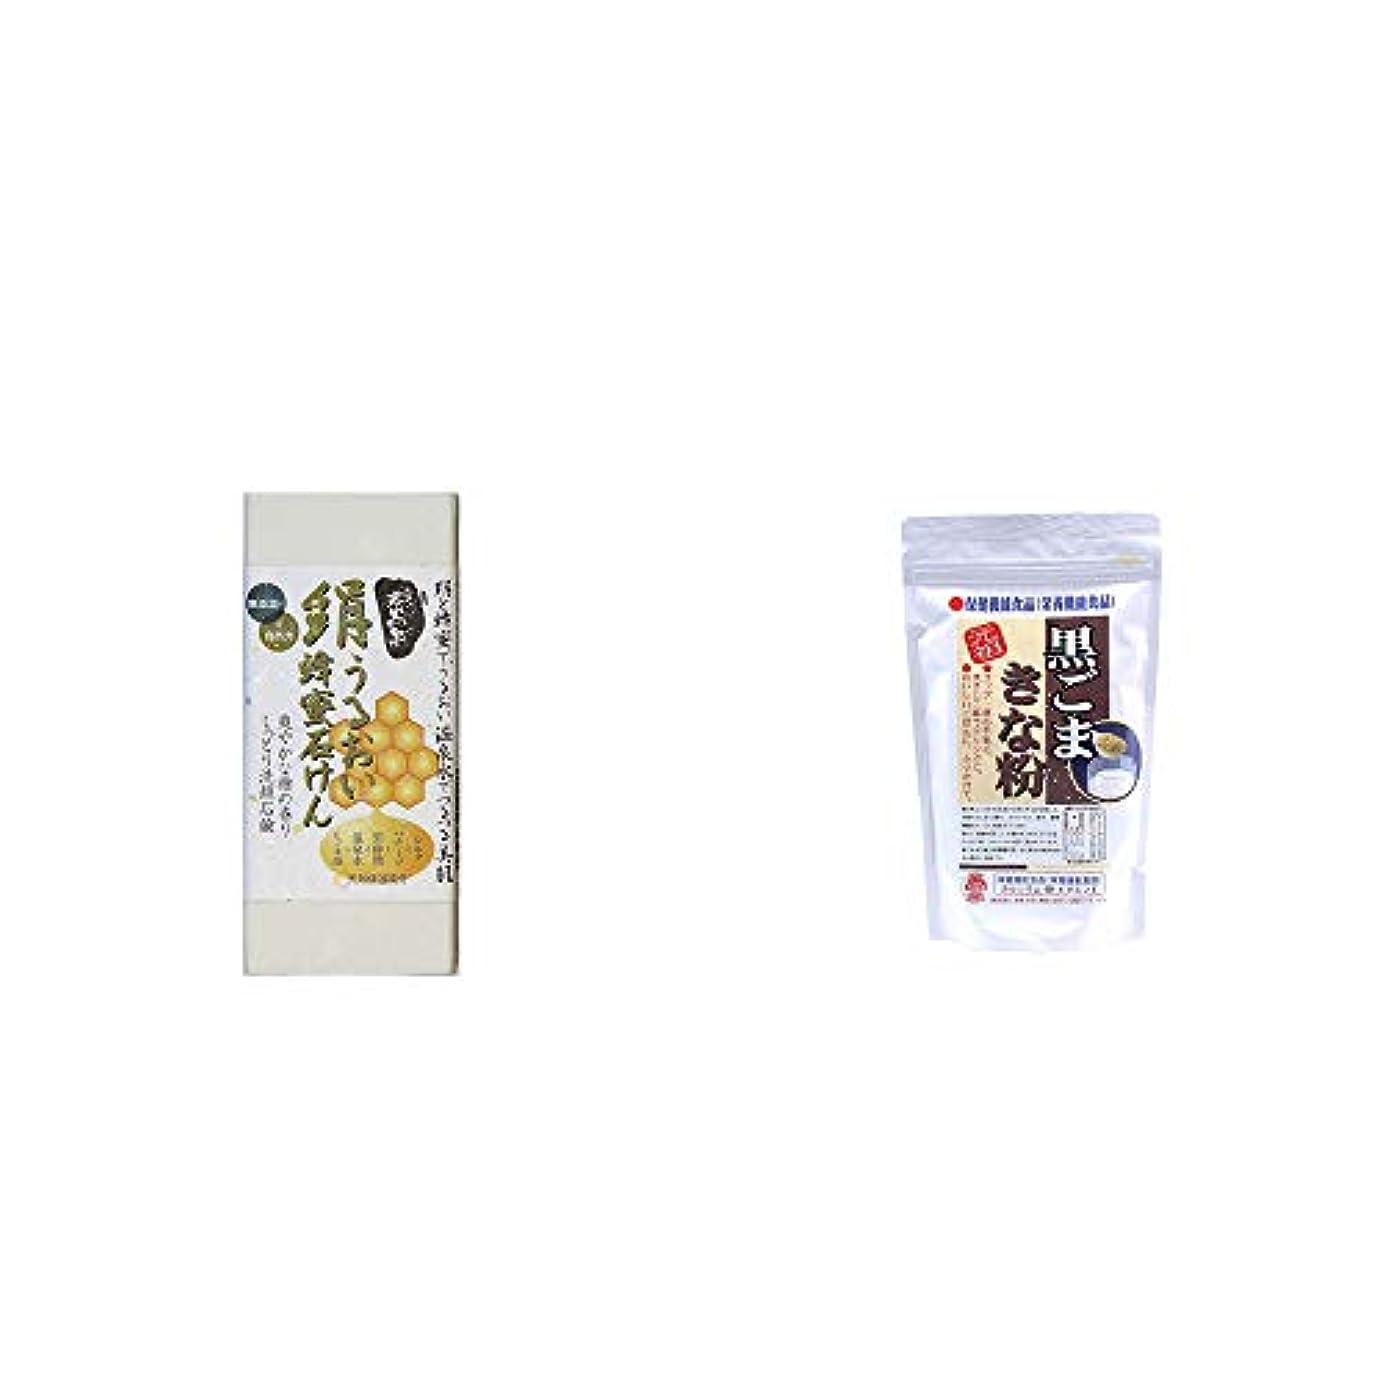 ベル主張兵隊[2点セット] ひのき炭黒泉 絹うるおい蜂蜜石けん(75g×2)?黒ごまきな粉(270g)